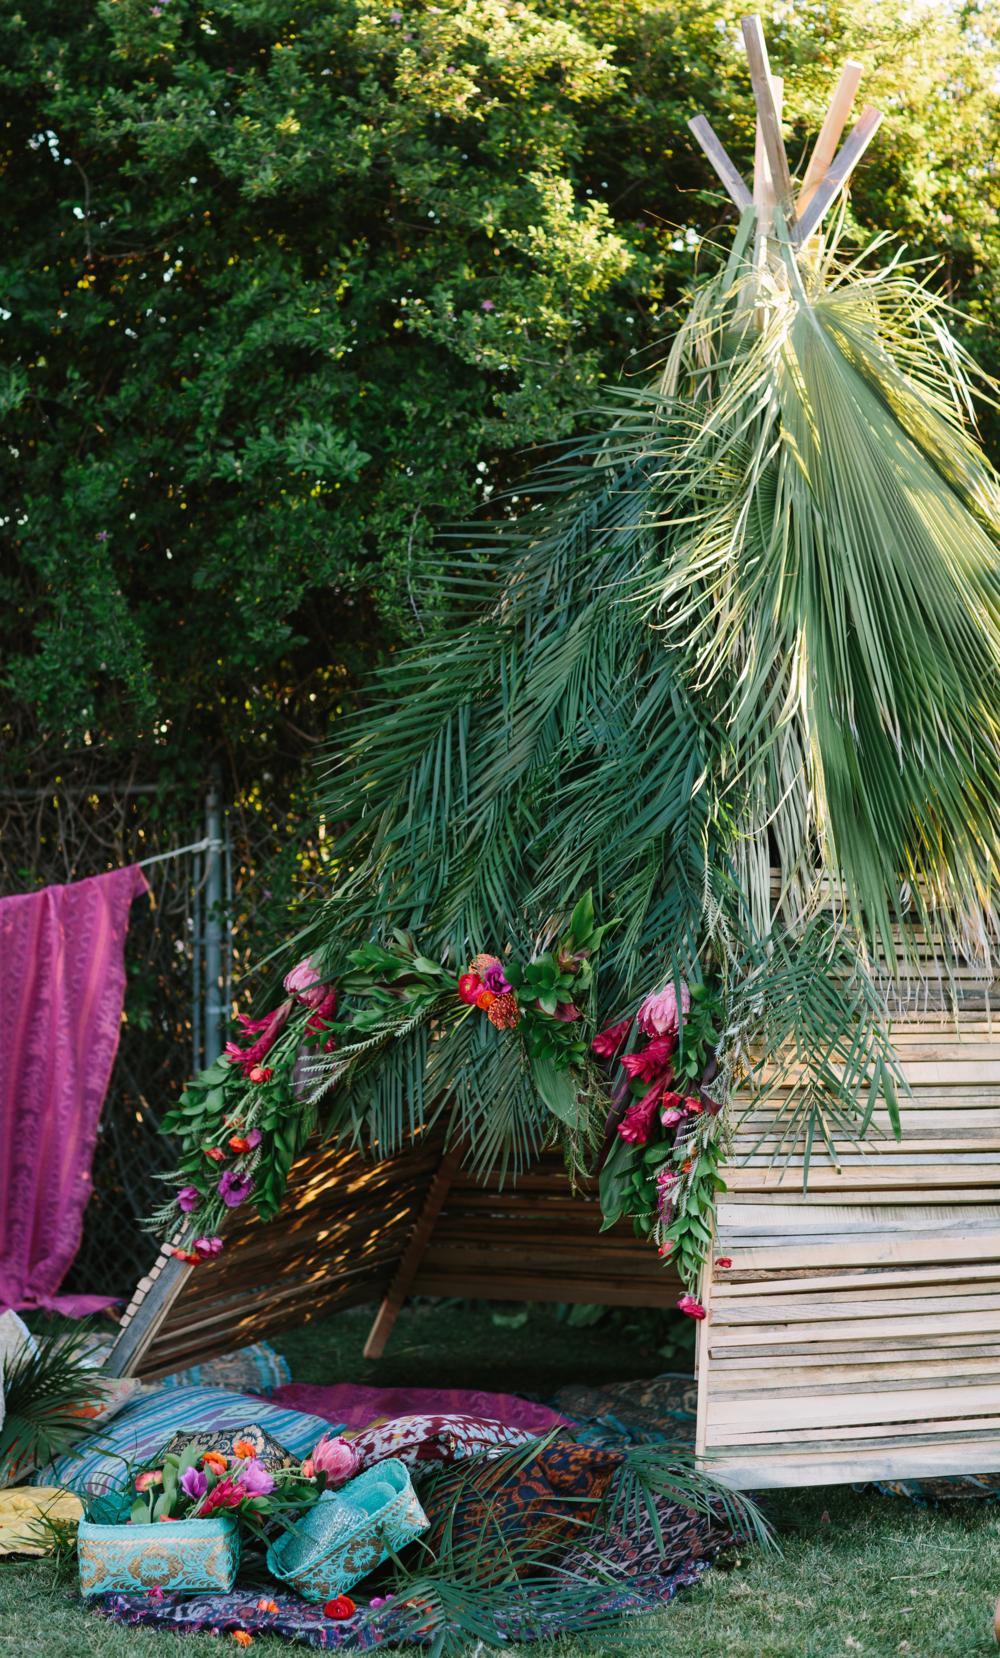 Custom Backyard Teepee | Cleobella Photoshoot. Photo | Taryn Kent